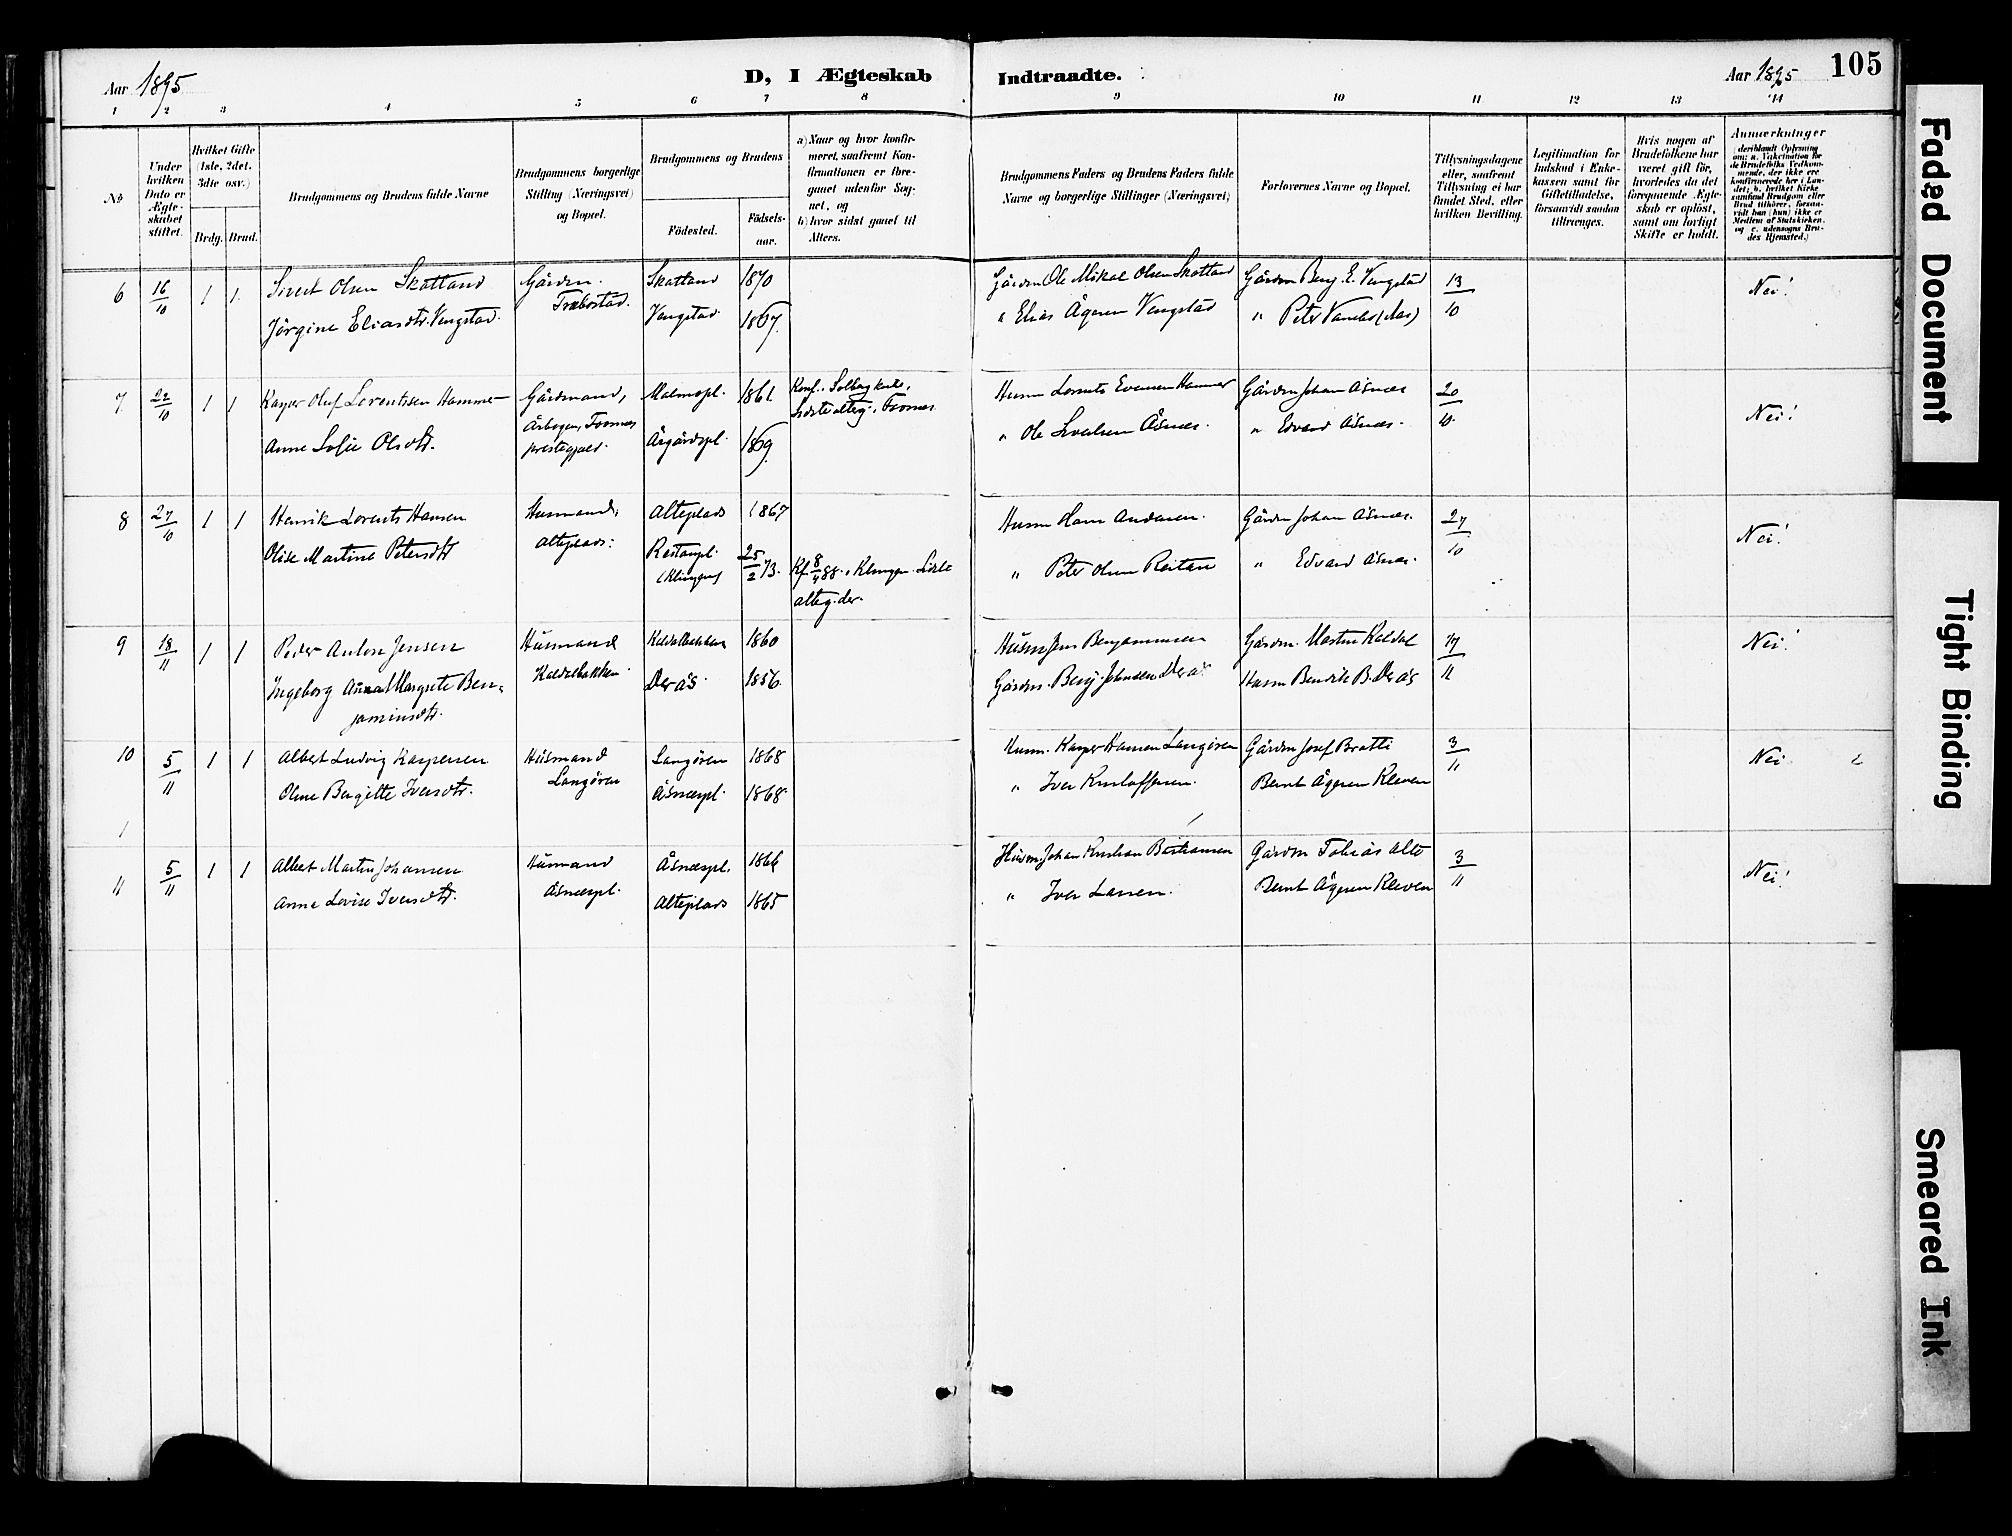 SAT, Ministerialprotokoller, klokkerbøker og fødselsregistre - Nord-Trøndelag, 742/L0409: Ministerialbok nr. 742A02, 1891-1905, s. 105